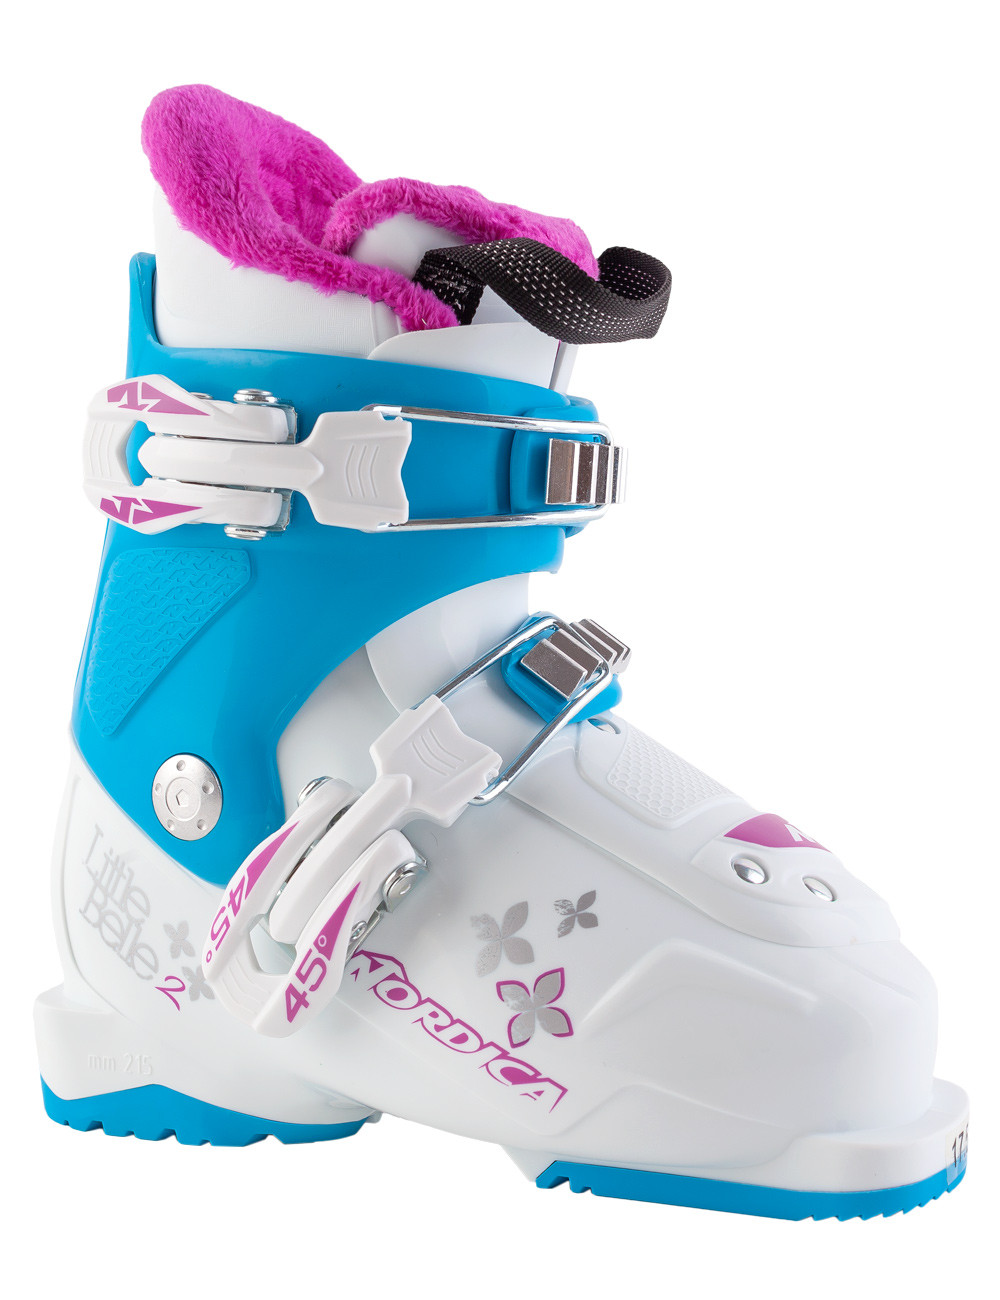 Buty narciarskie Nordica Little Belle 2